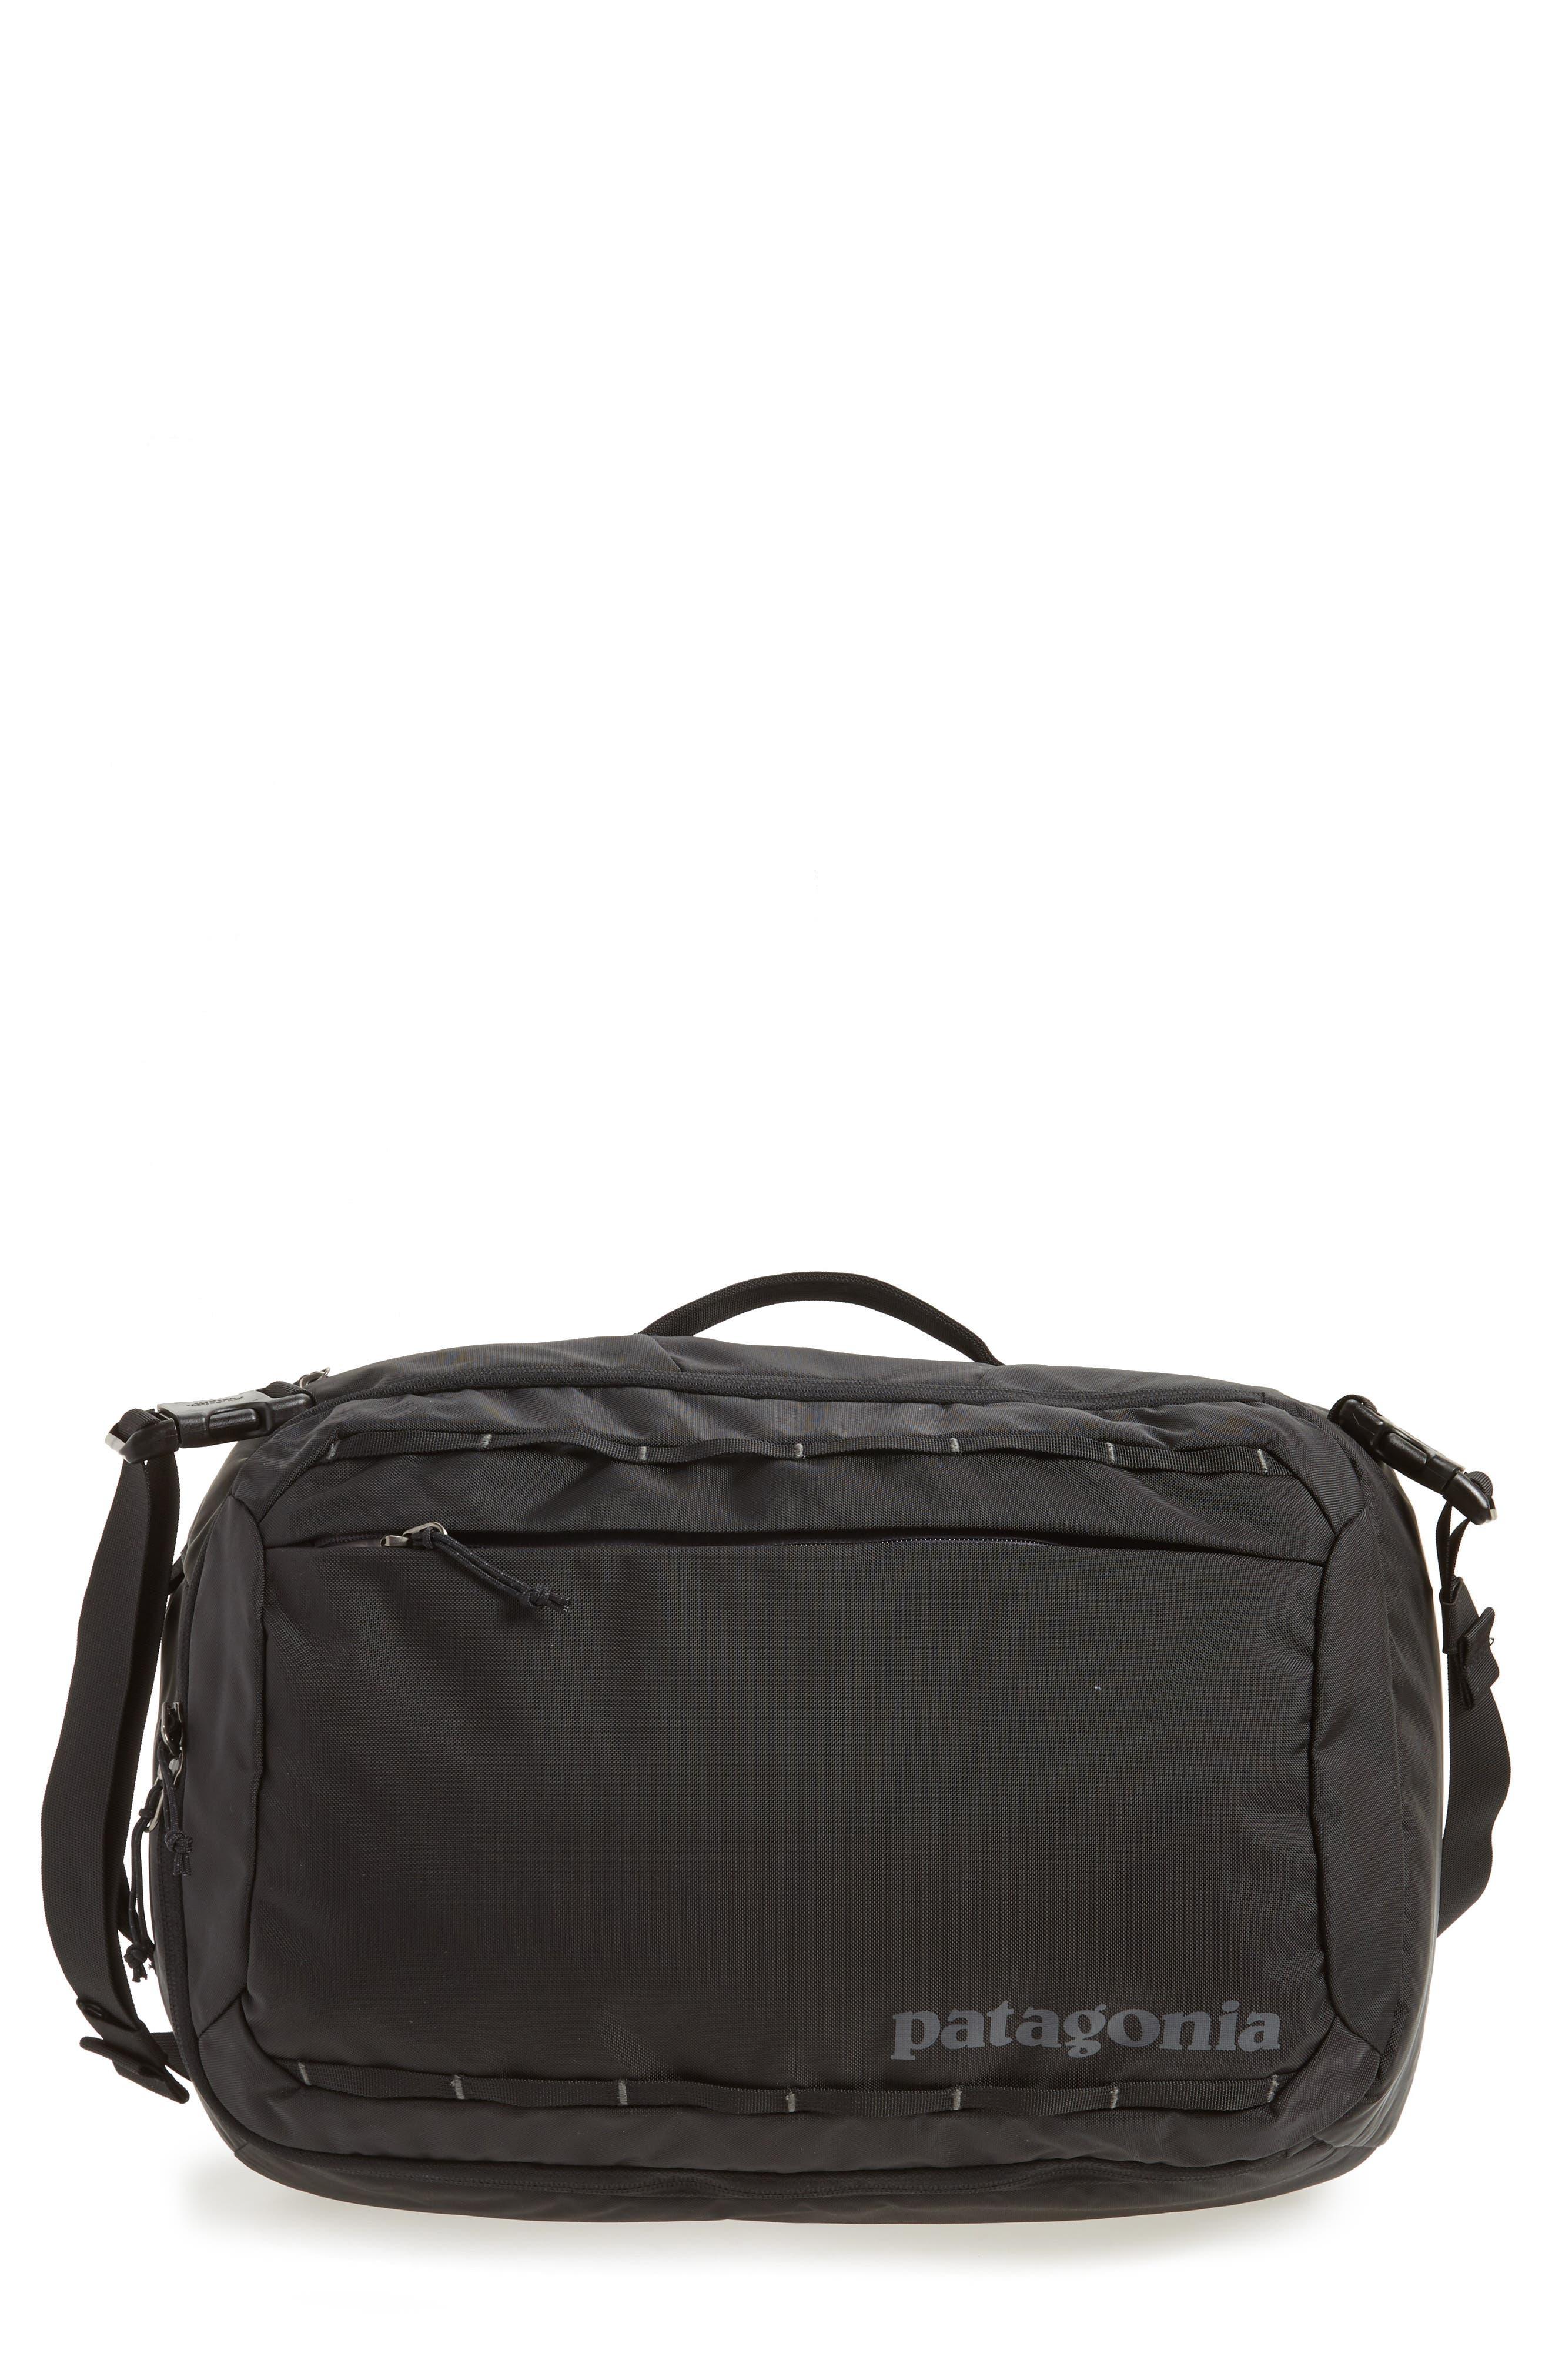 PATAGONIA, Tres 25-Liter Convertible Backpack, Main thumbnail 1, color, BLACK